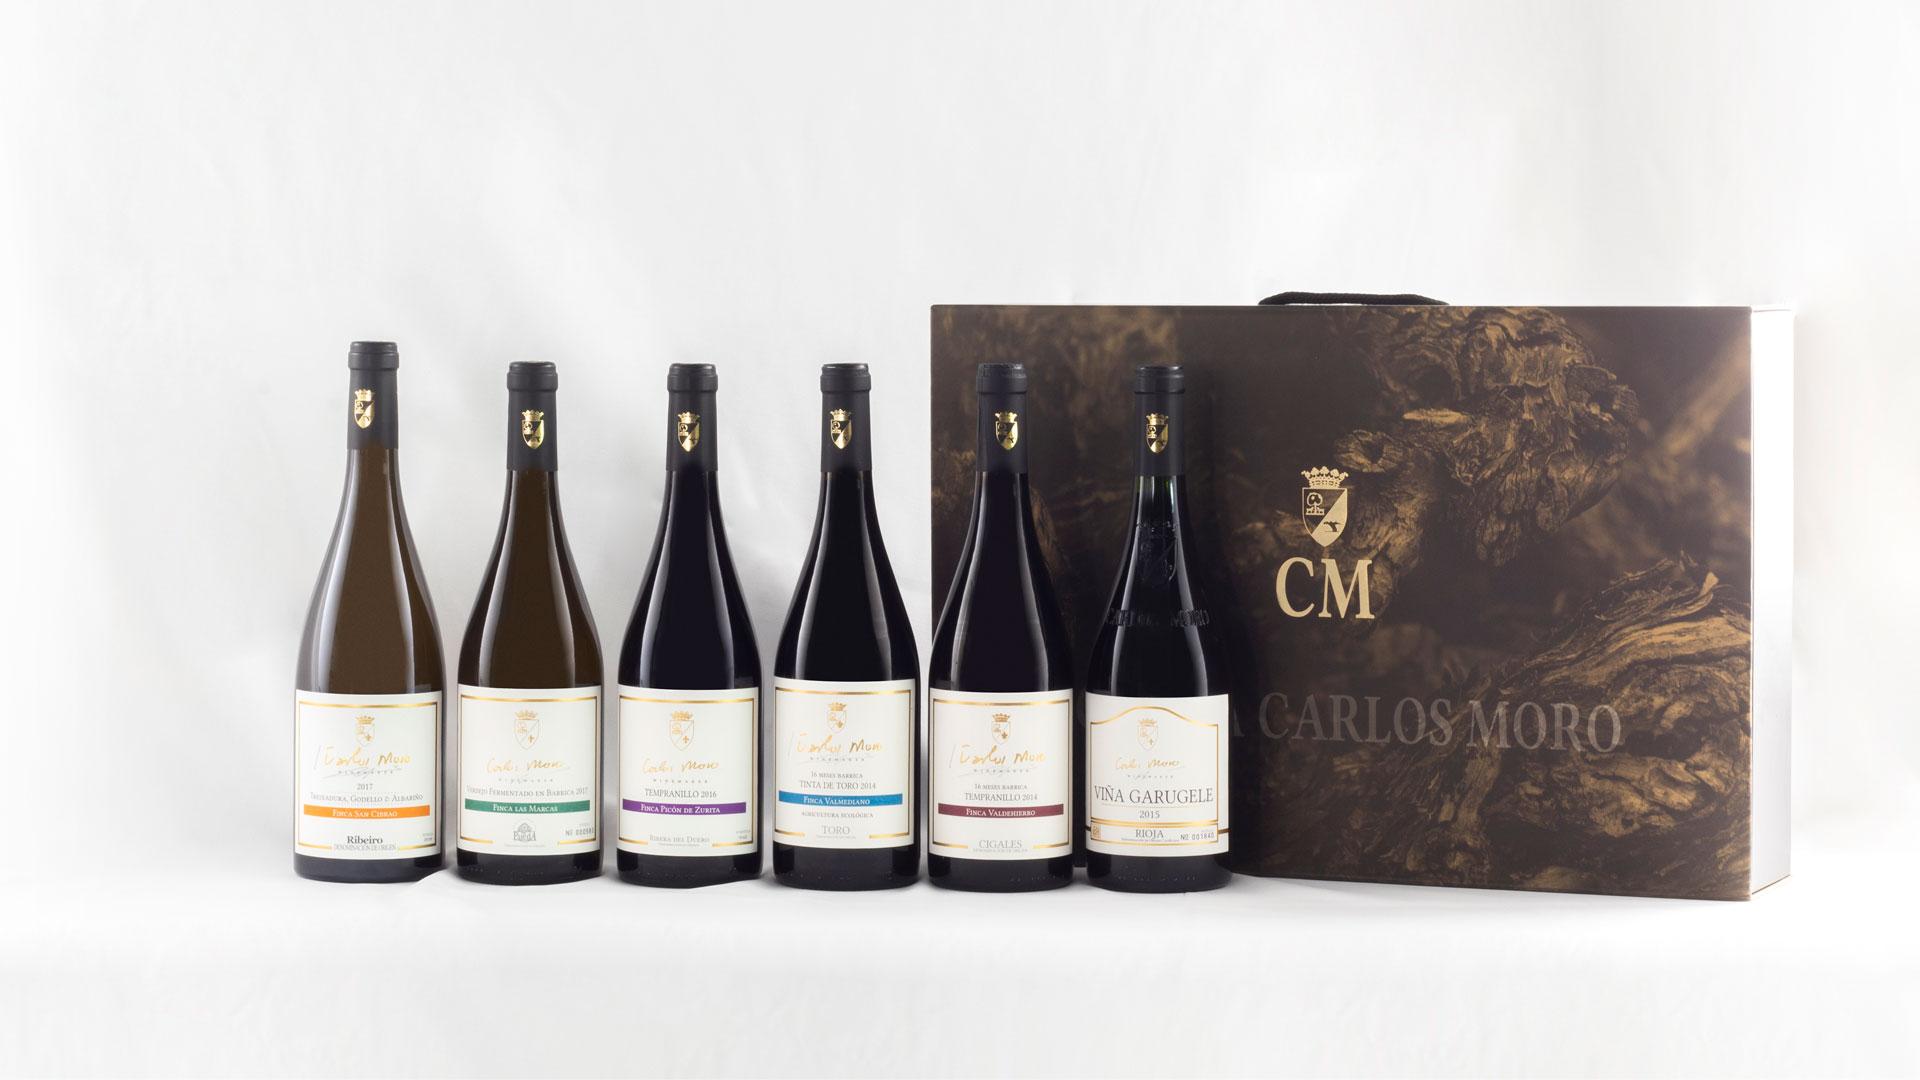 Imagen de los vinos de Carlos Moro